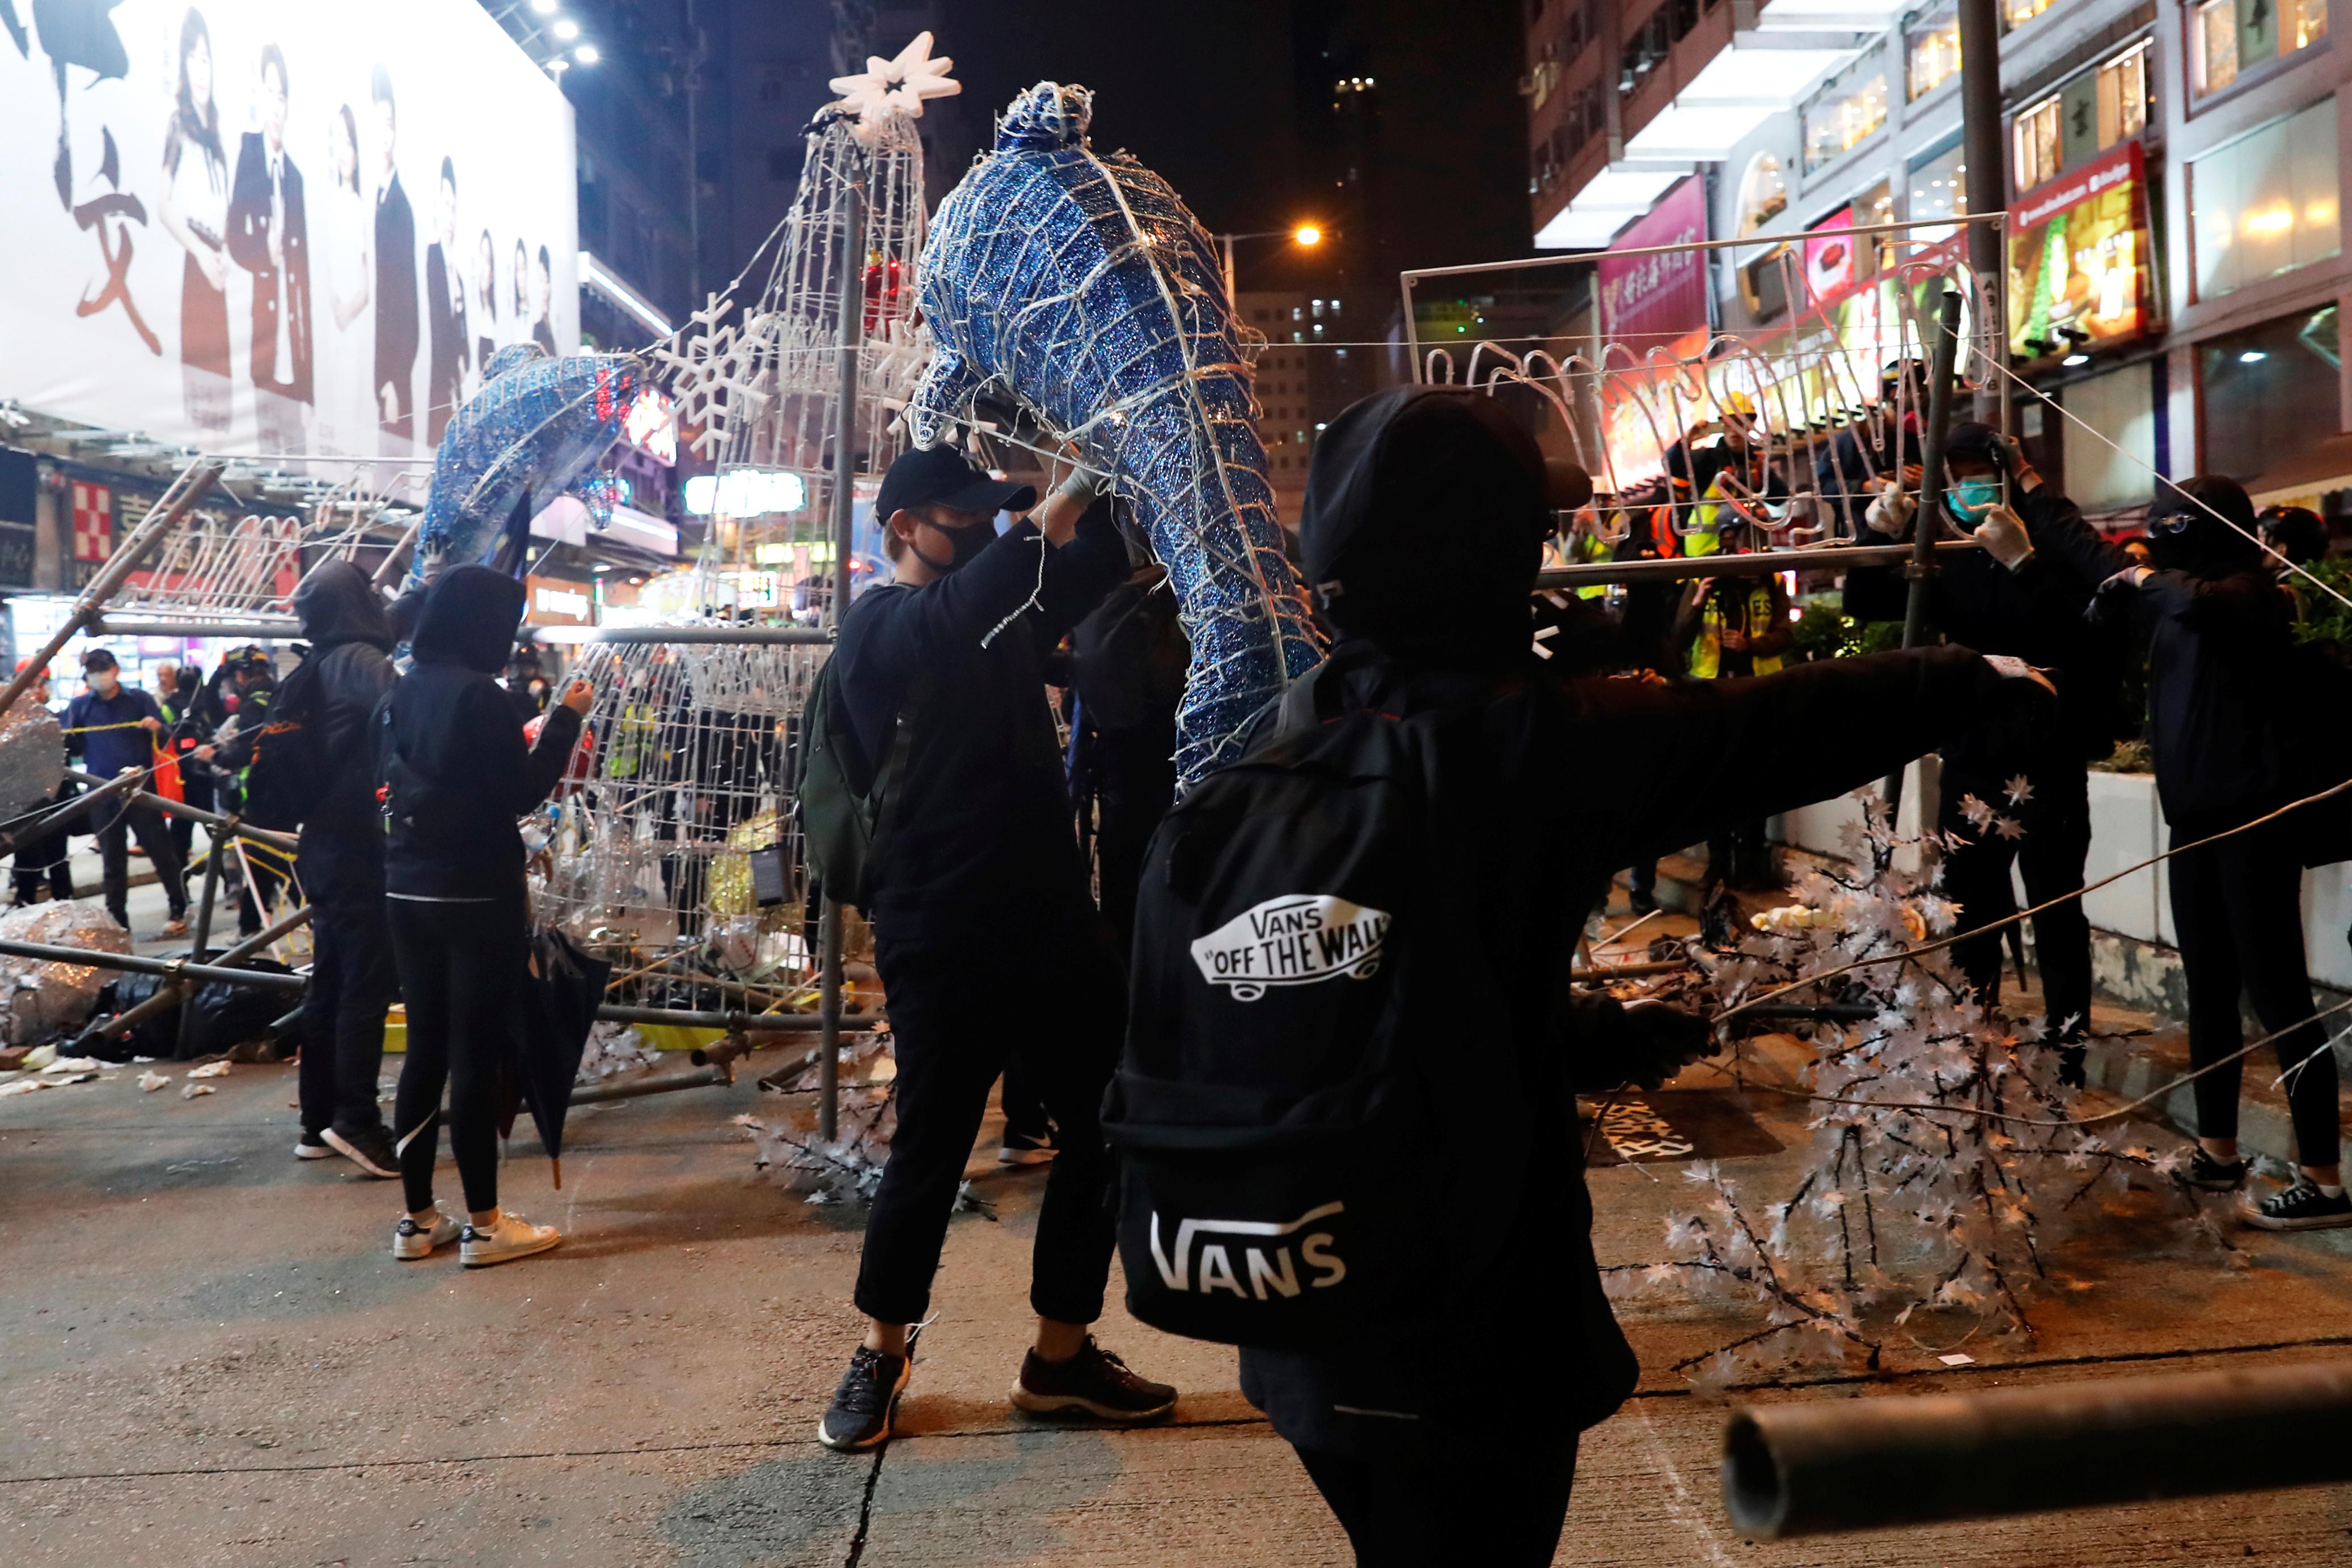 Manifestantes contra el gobierno desarman las decoraciones colocadas en las calles de Hong Kong para celebrar el año nuevo